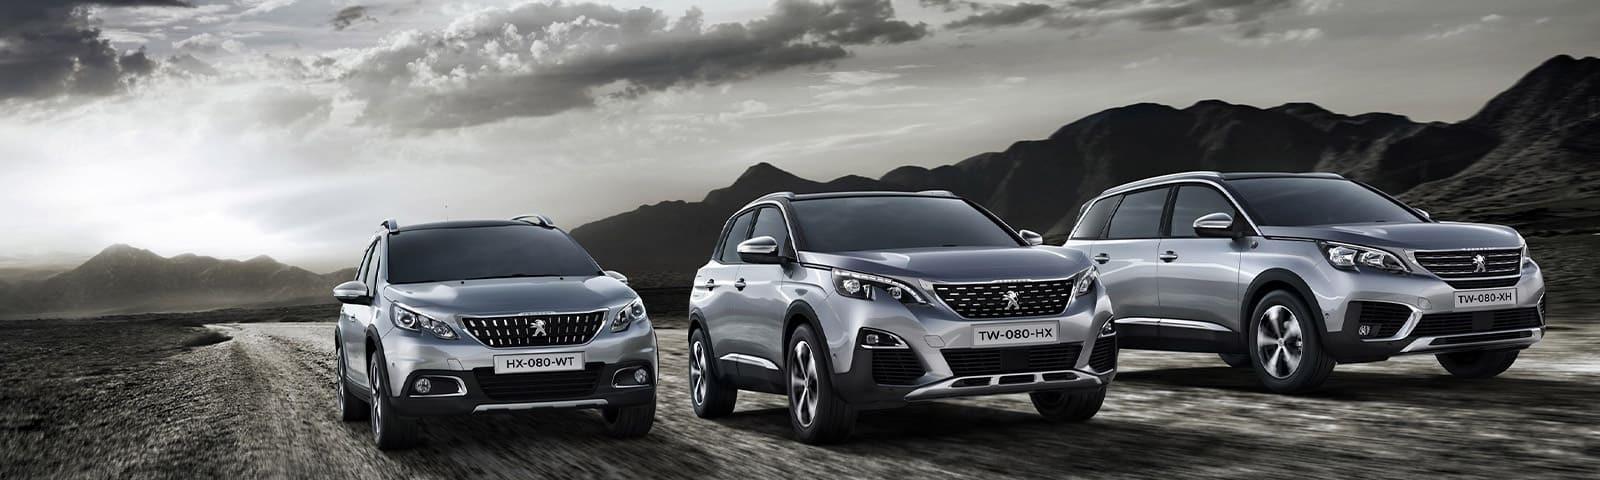 Peugeot, líder de ventas en España durante el primer trimestre de 2019